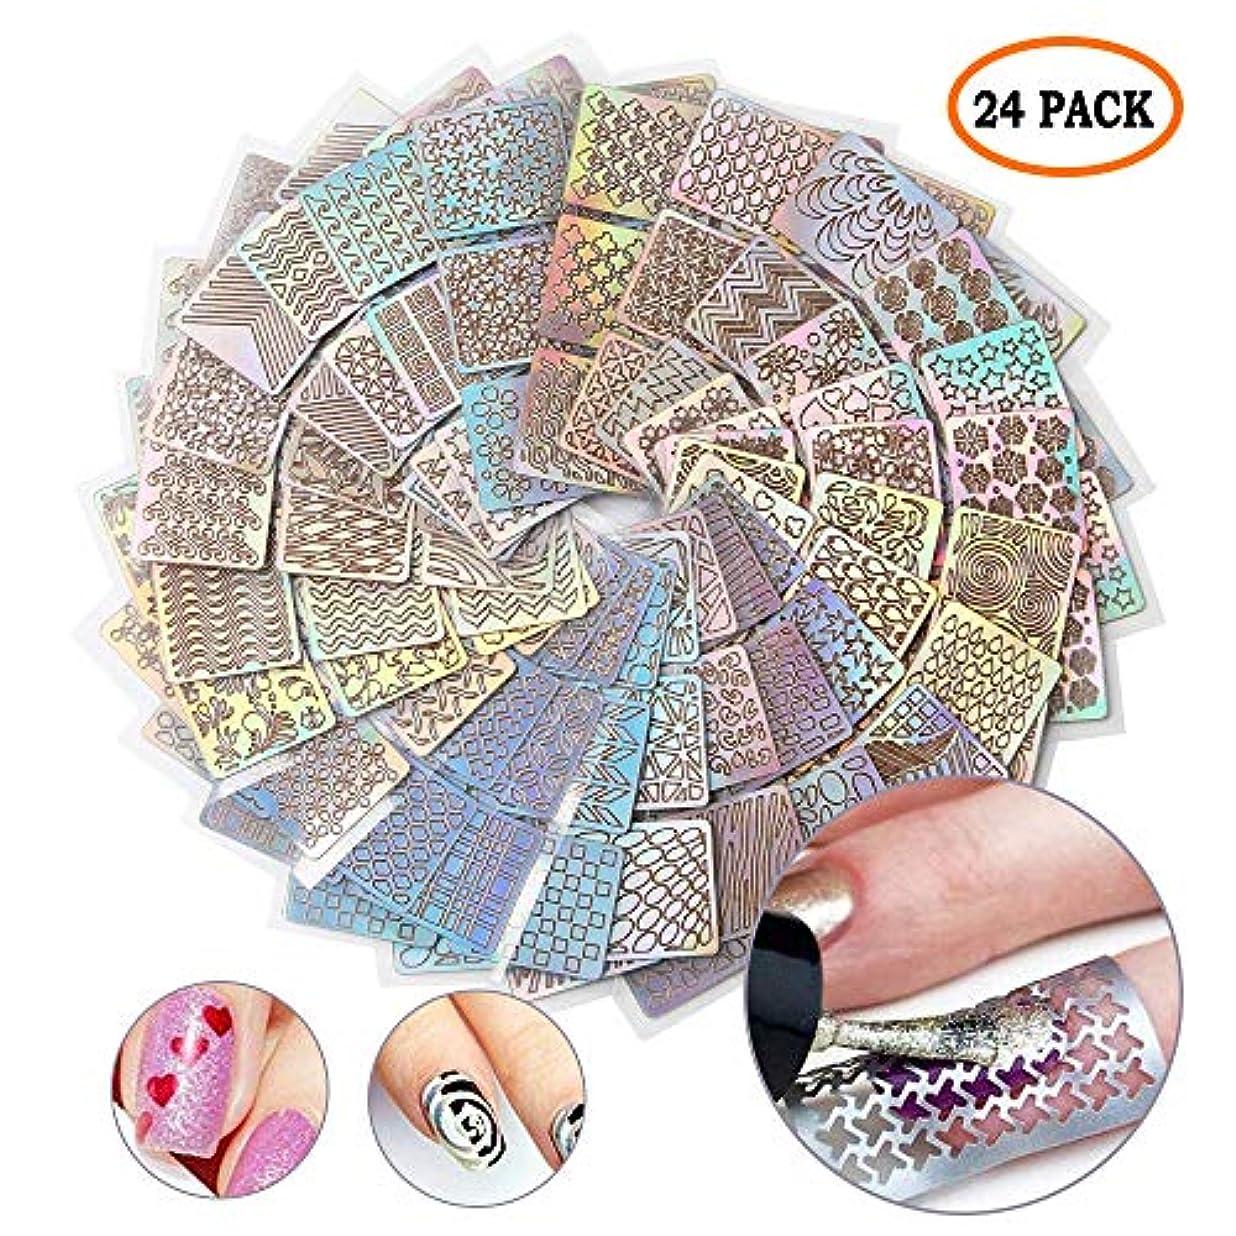 満州断片ブルLATTCURE ネイルステッカー 「24枚セット」 ネイル用装飾 ネイルシール かわいい 貼るだけ ネイティブ柄 多様な図柄 エコ素材